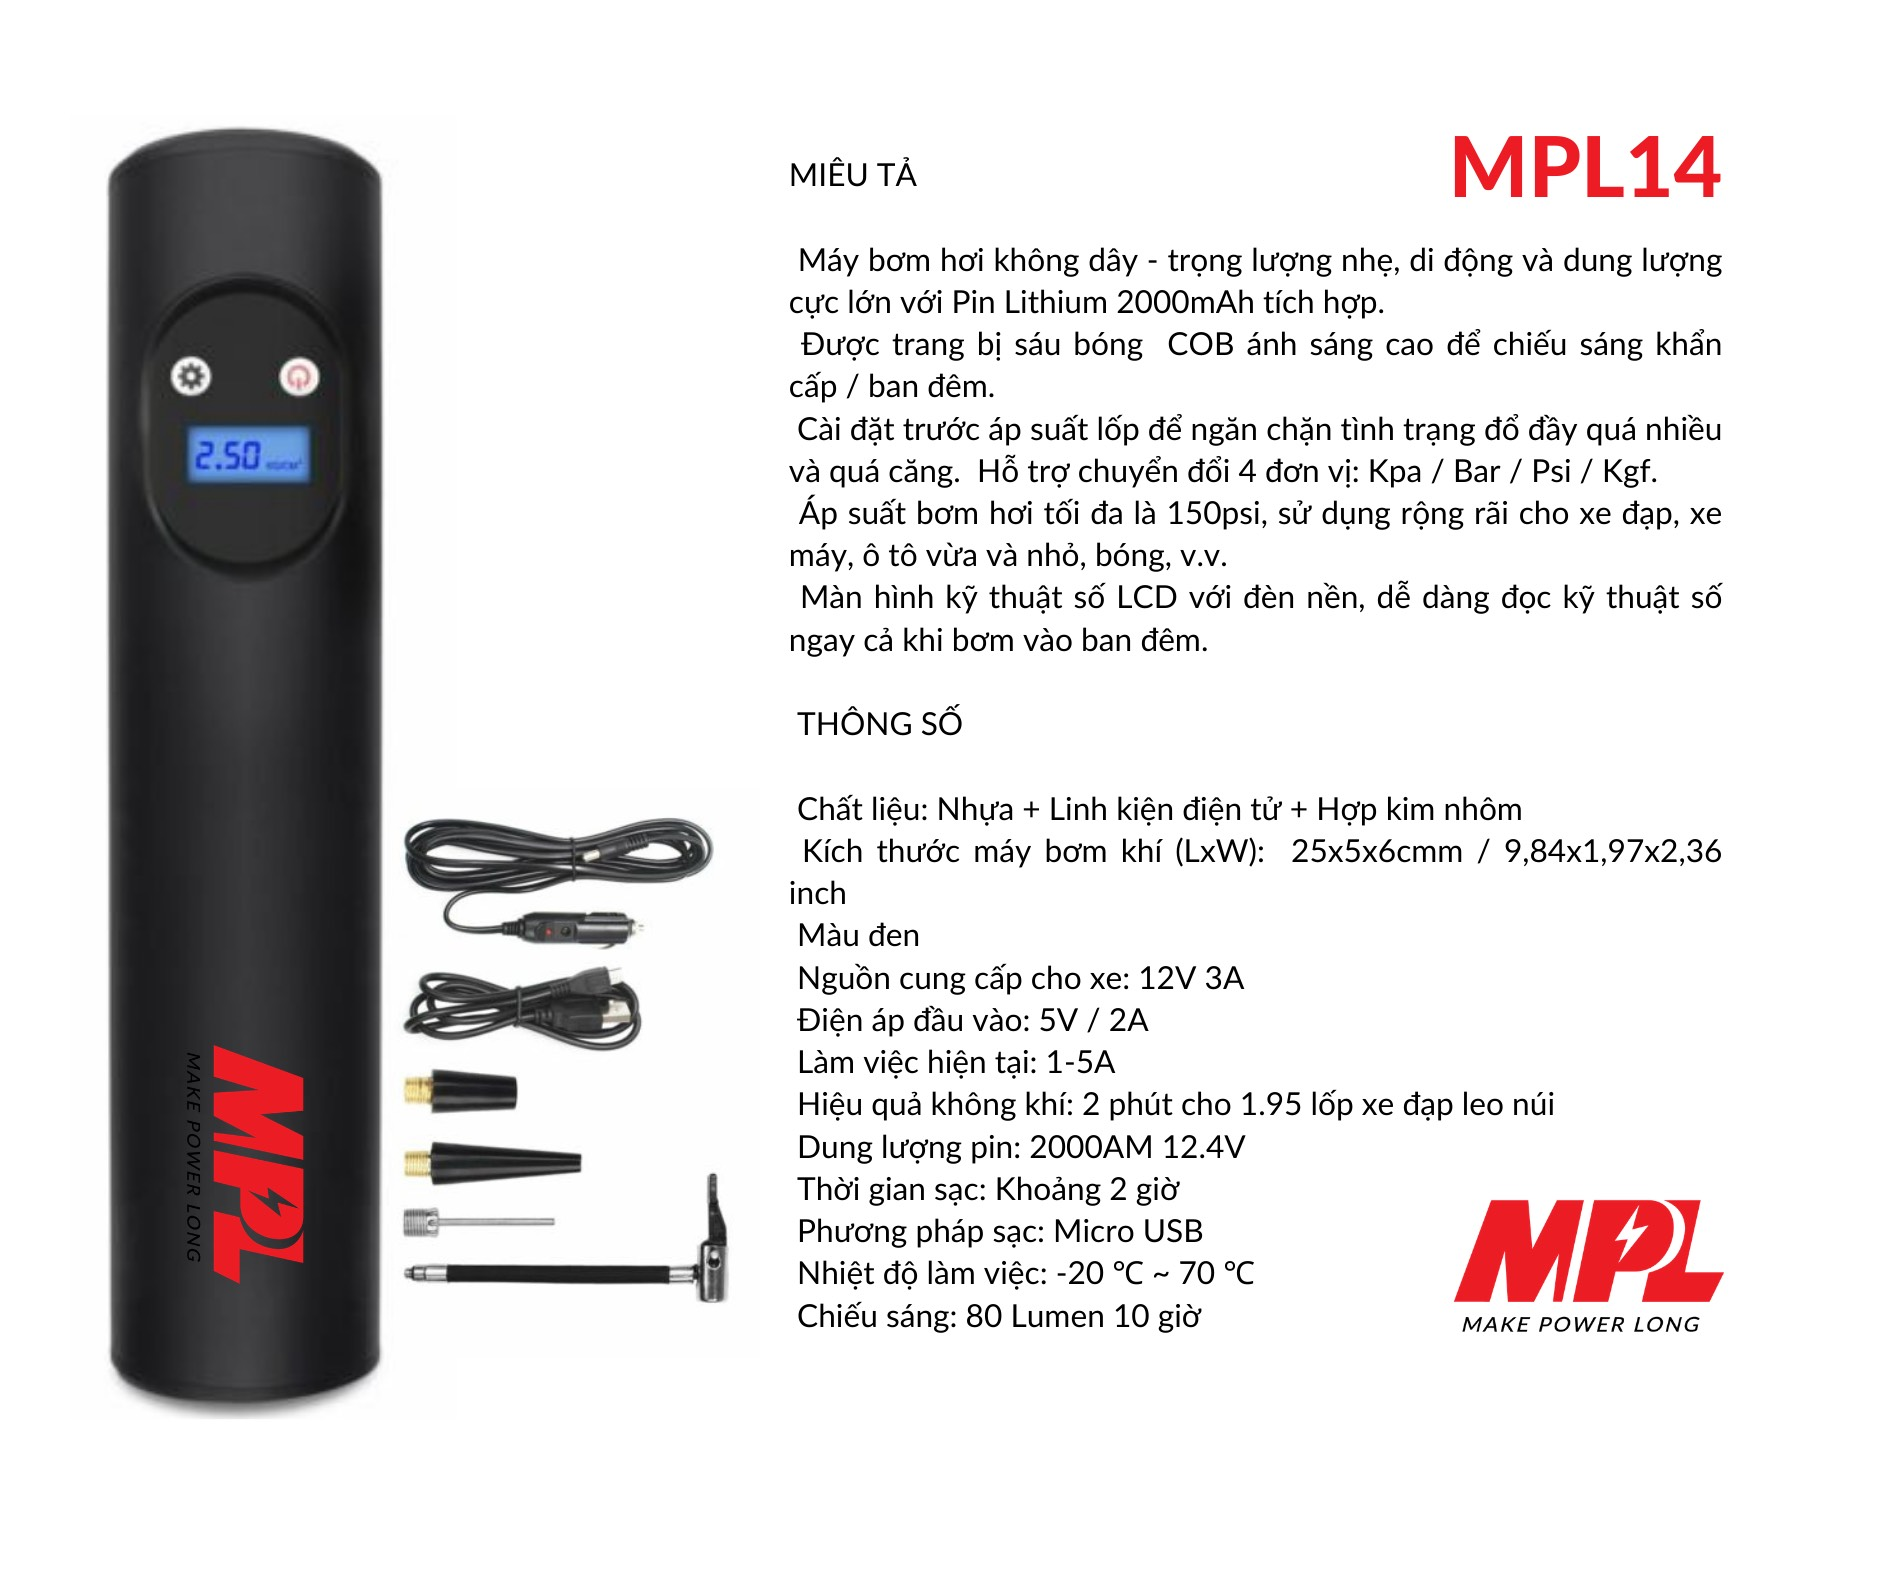 MPL14